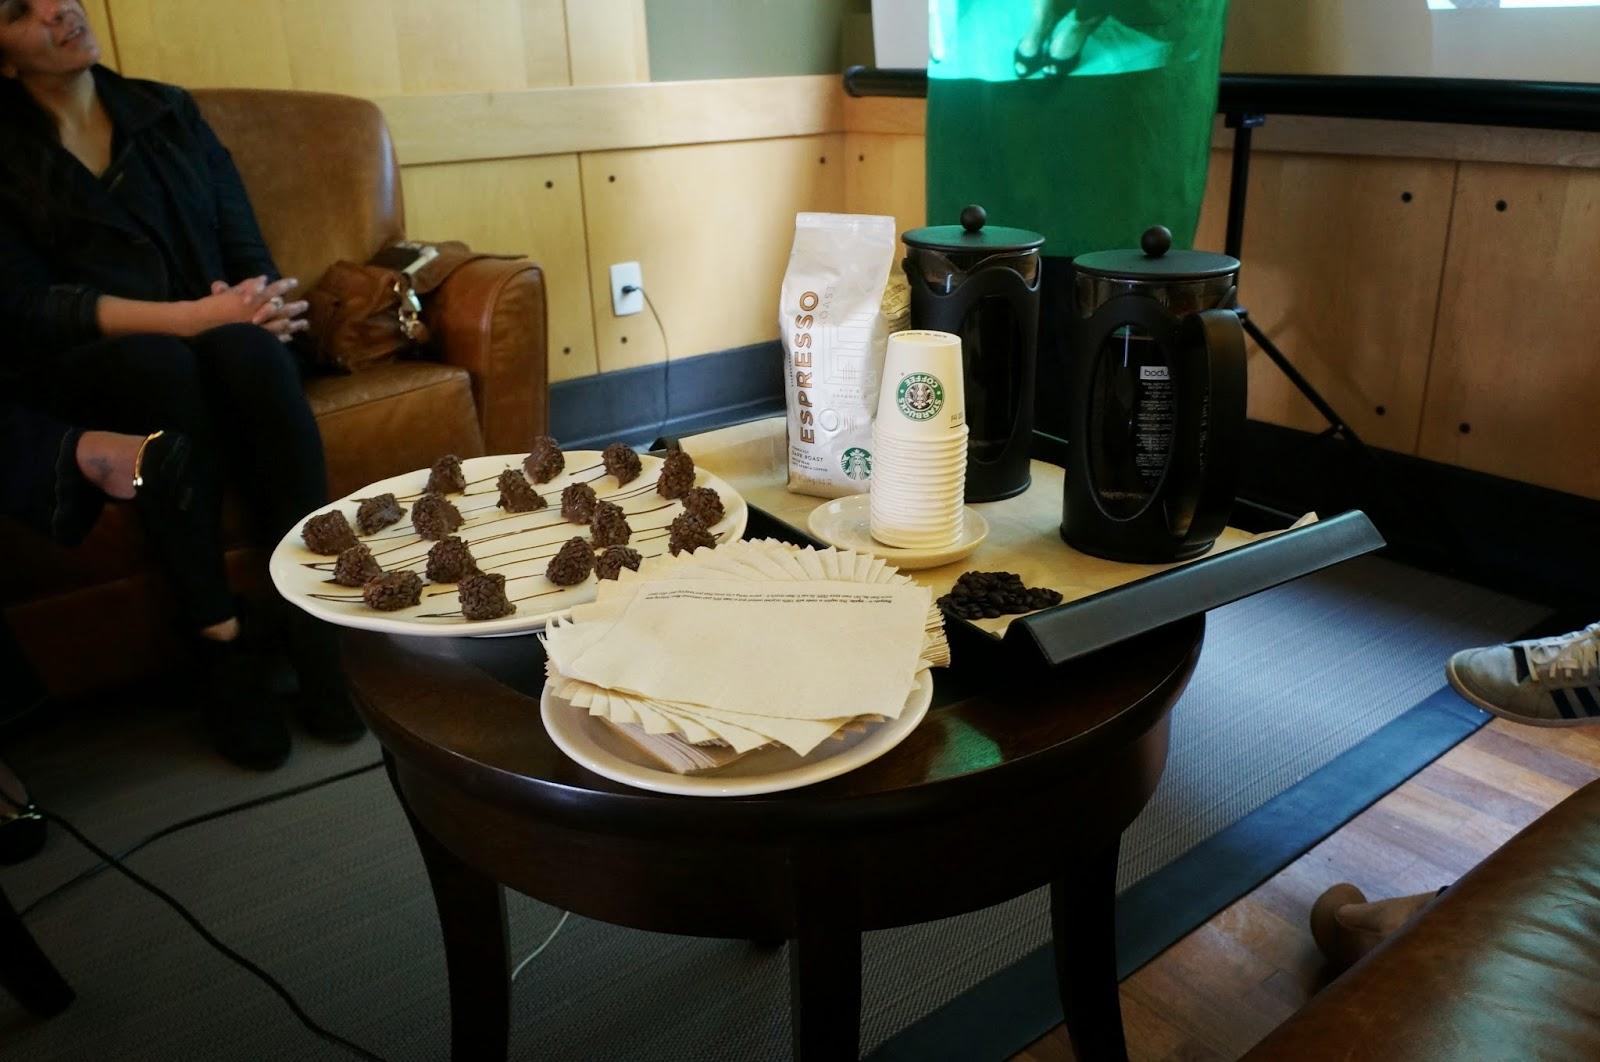 degustação de café na Starbucks - foto do Blog Carina Pedro